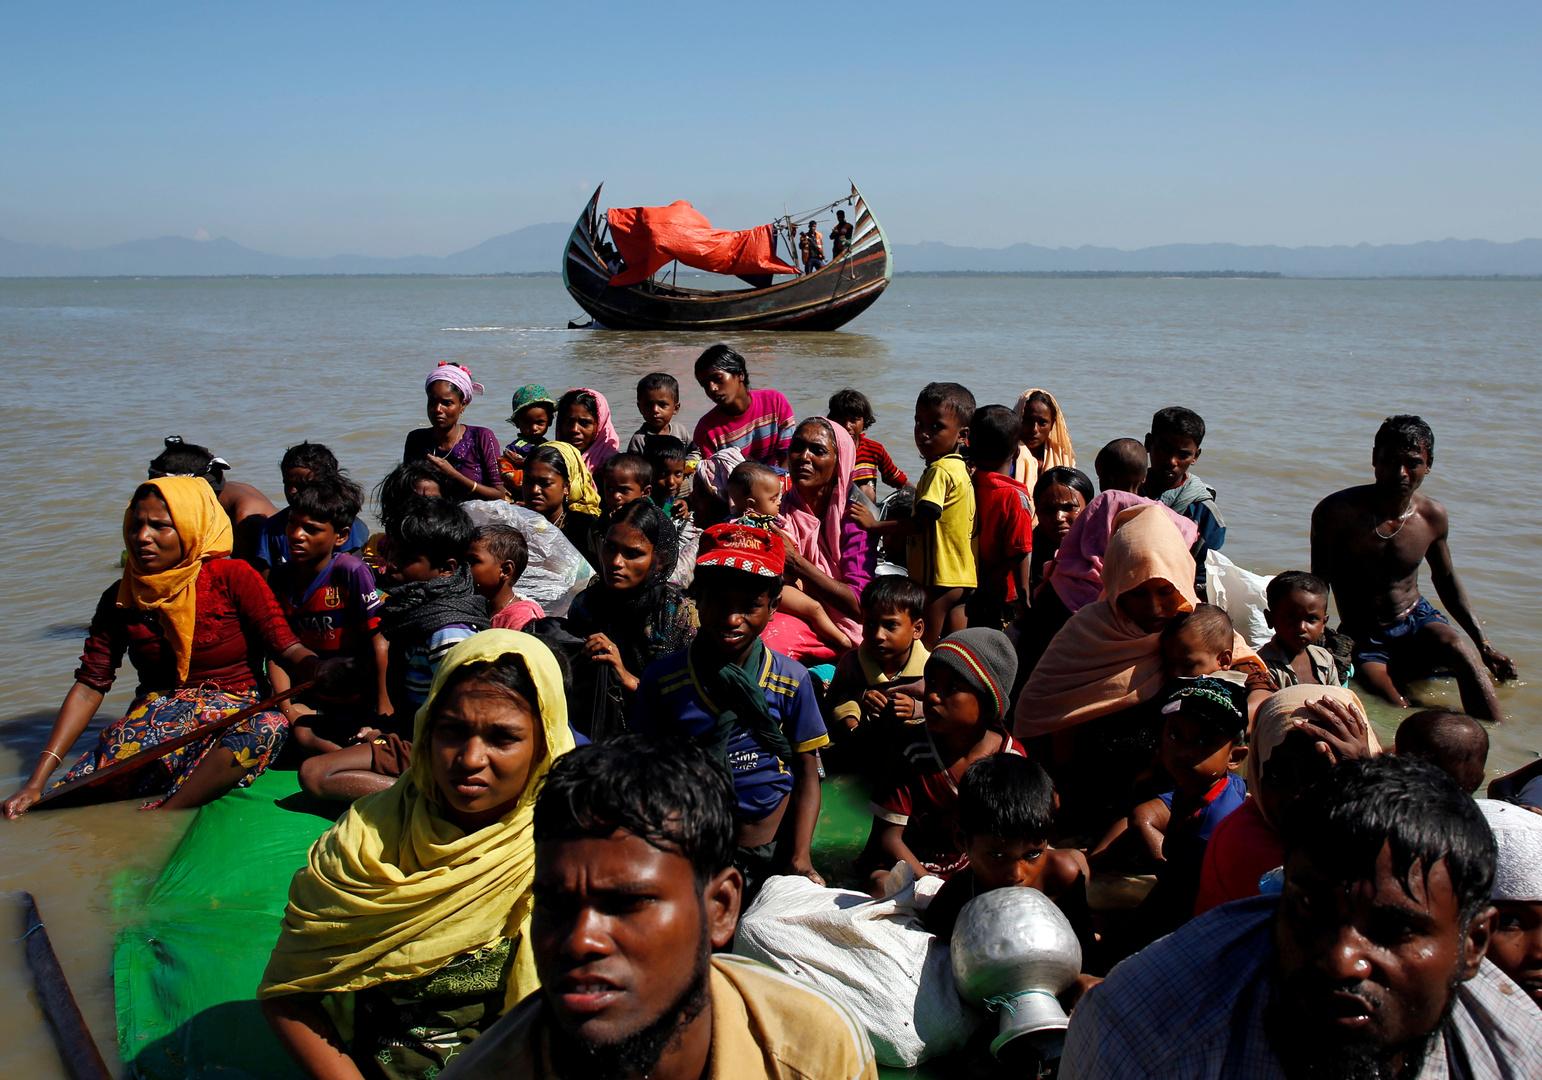 مجموعة من لاجئي الروهينغا